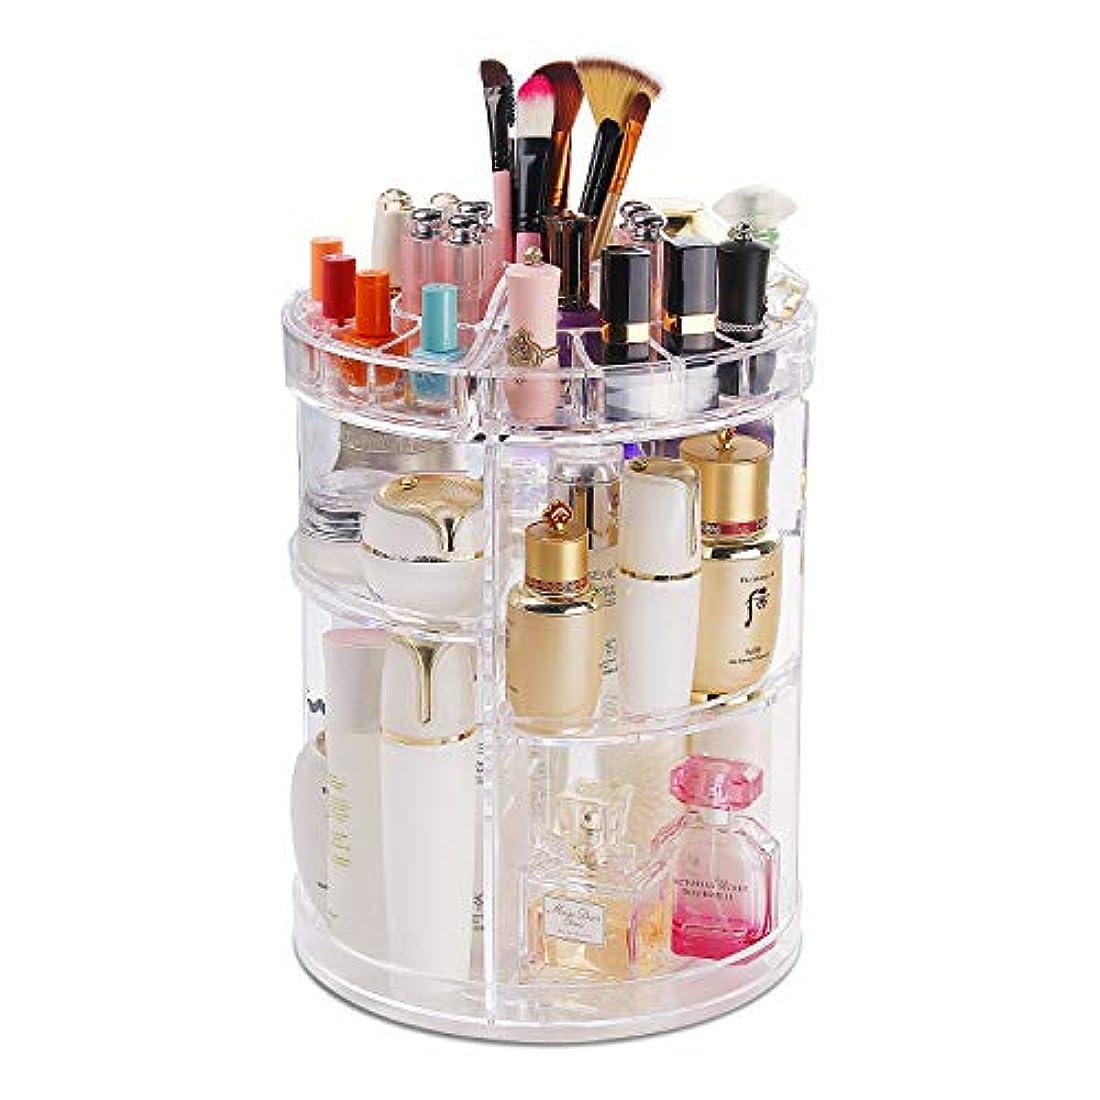 変形する必要がある社会学化粧品収納ボックス コスメボックス 360度回転化粧品収納ラック 大容量透明化粧品ケース メイクボックス 女の子のギフト